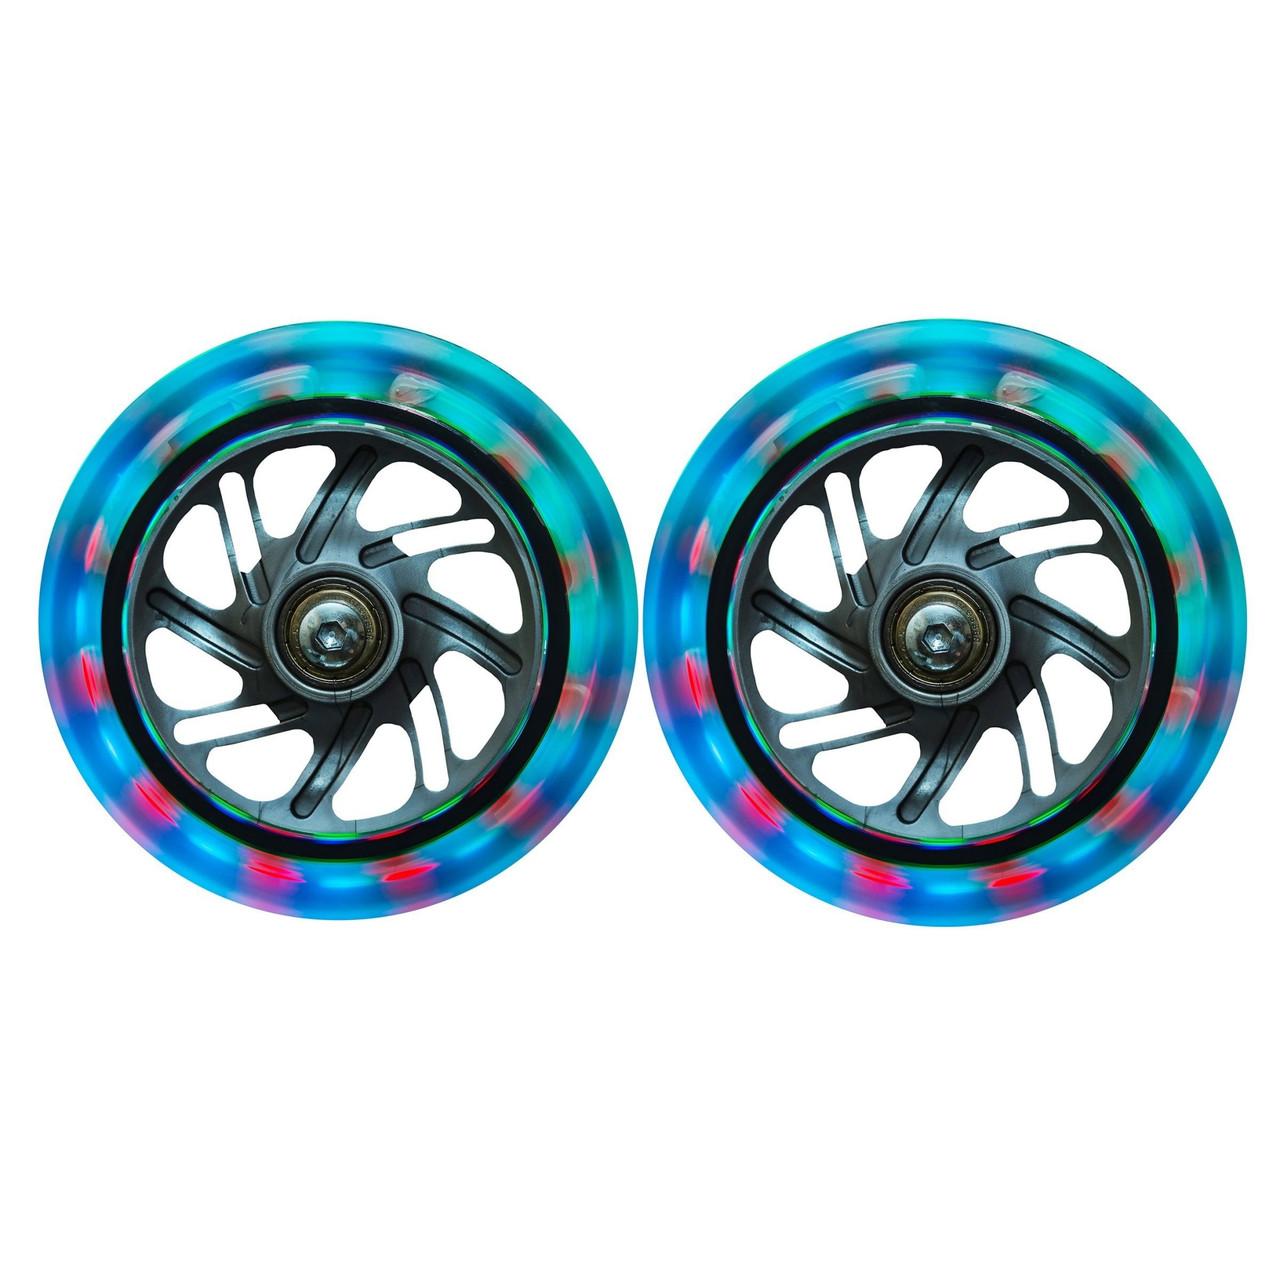 Светящиеся колеса Globber Lightning Front Wheel Set прозрачные